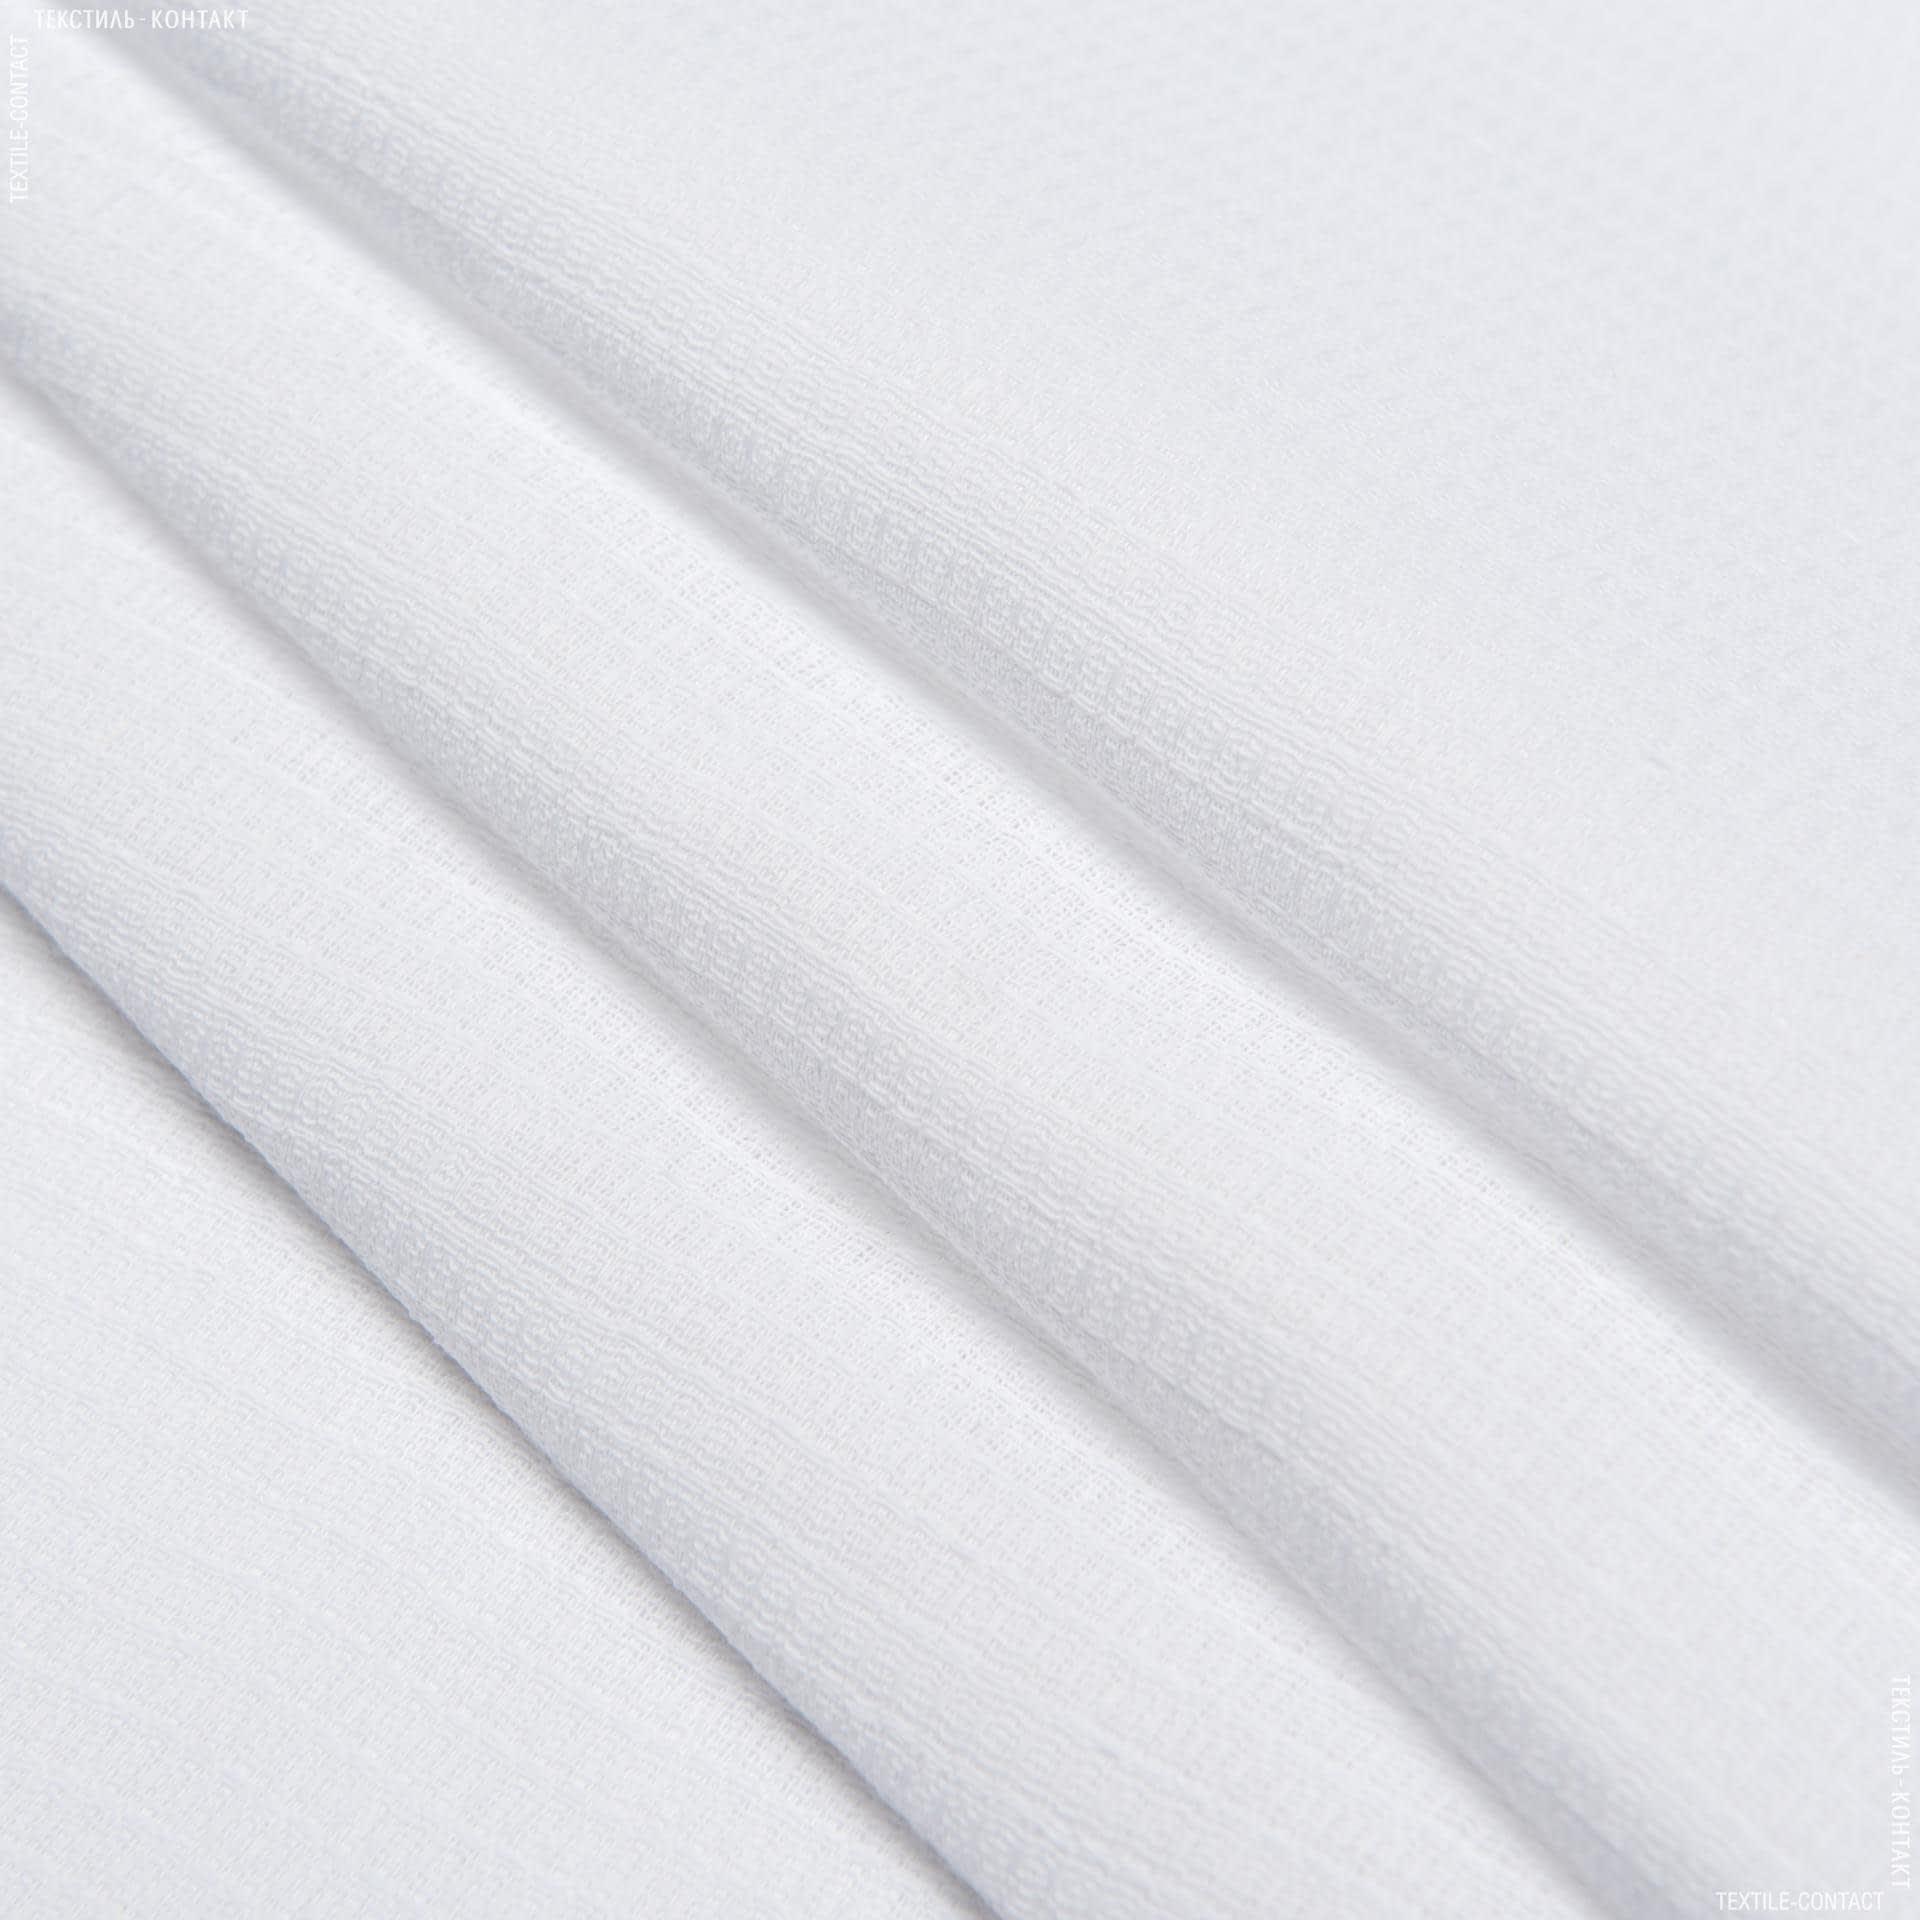 Ткани для полотенец - Ткань полотенечная вафельная отбеленная